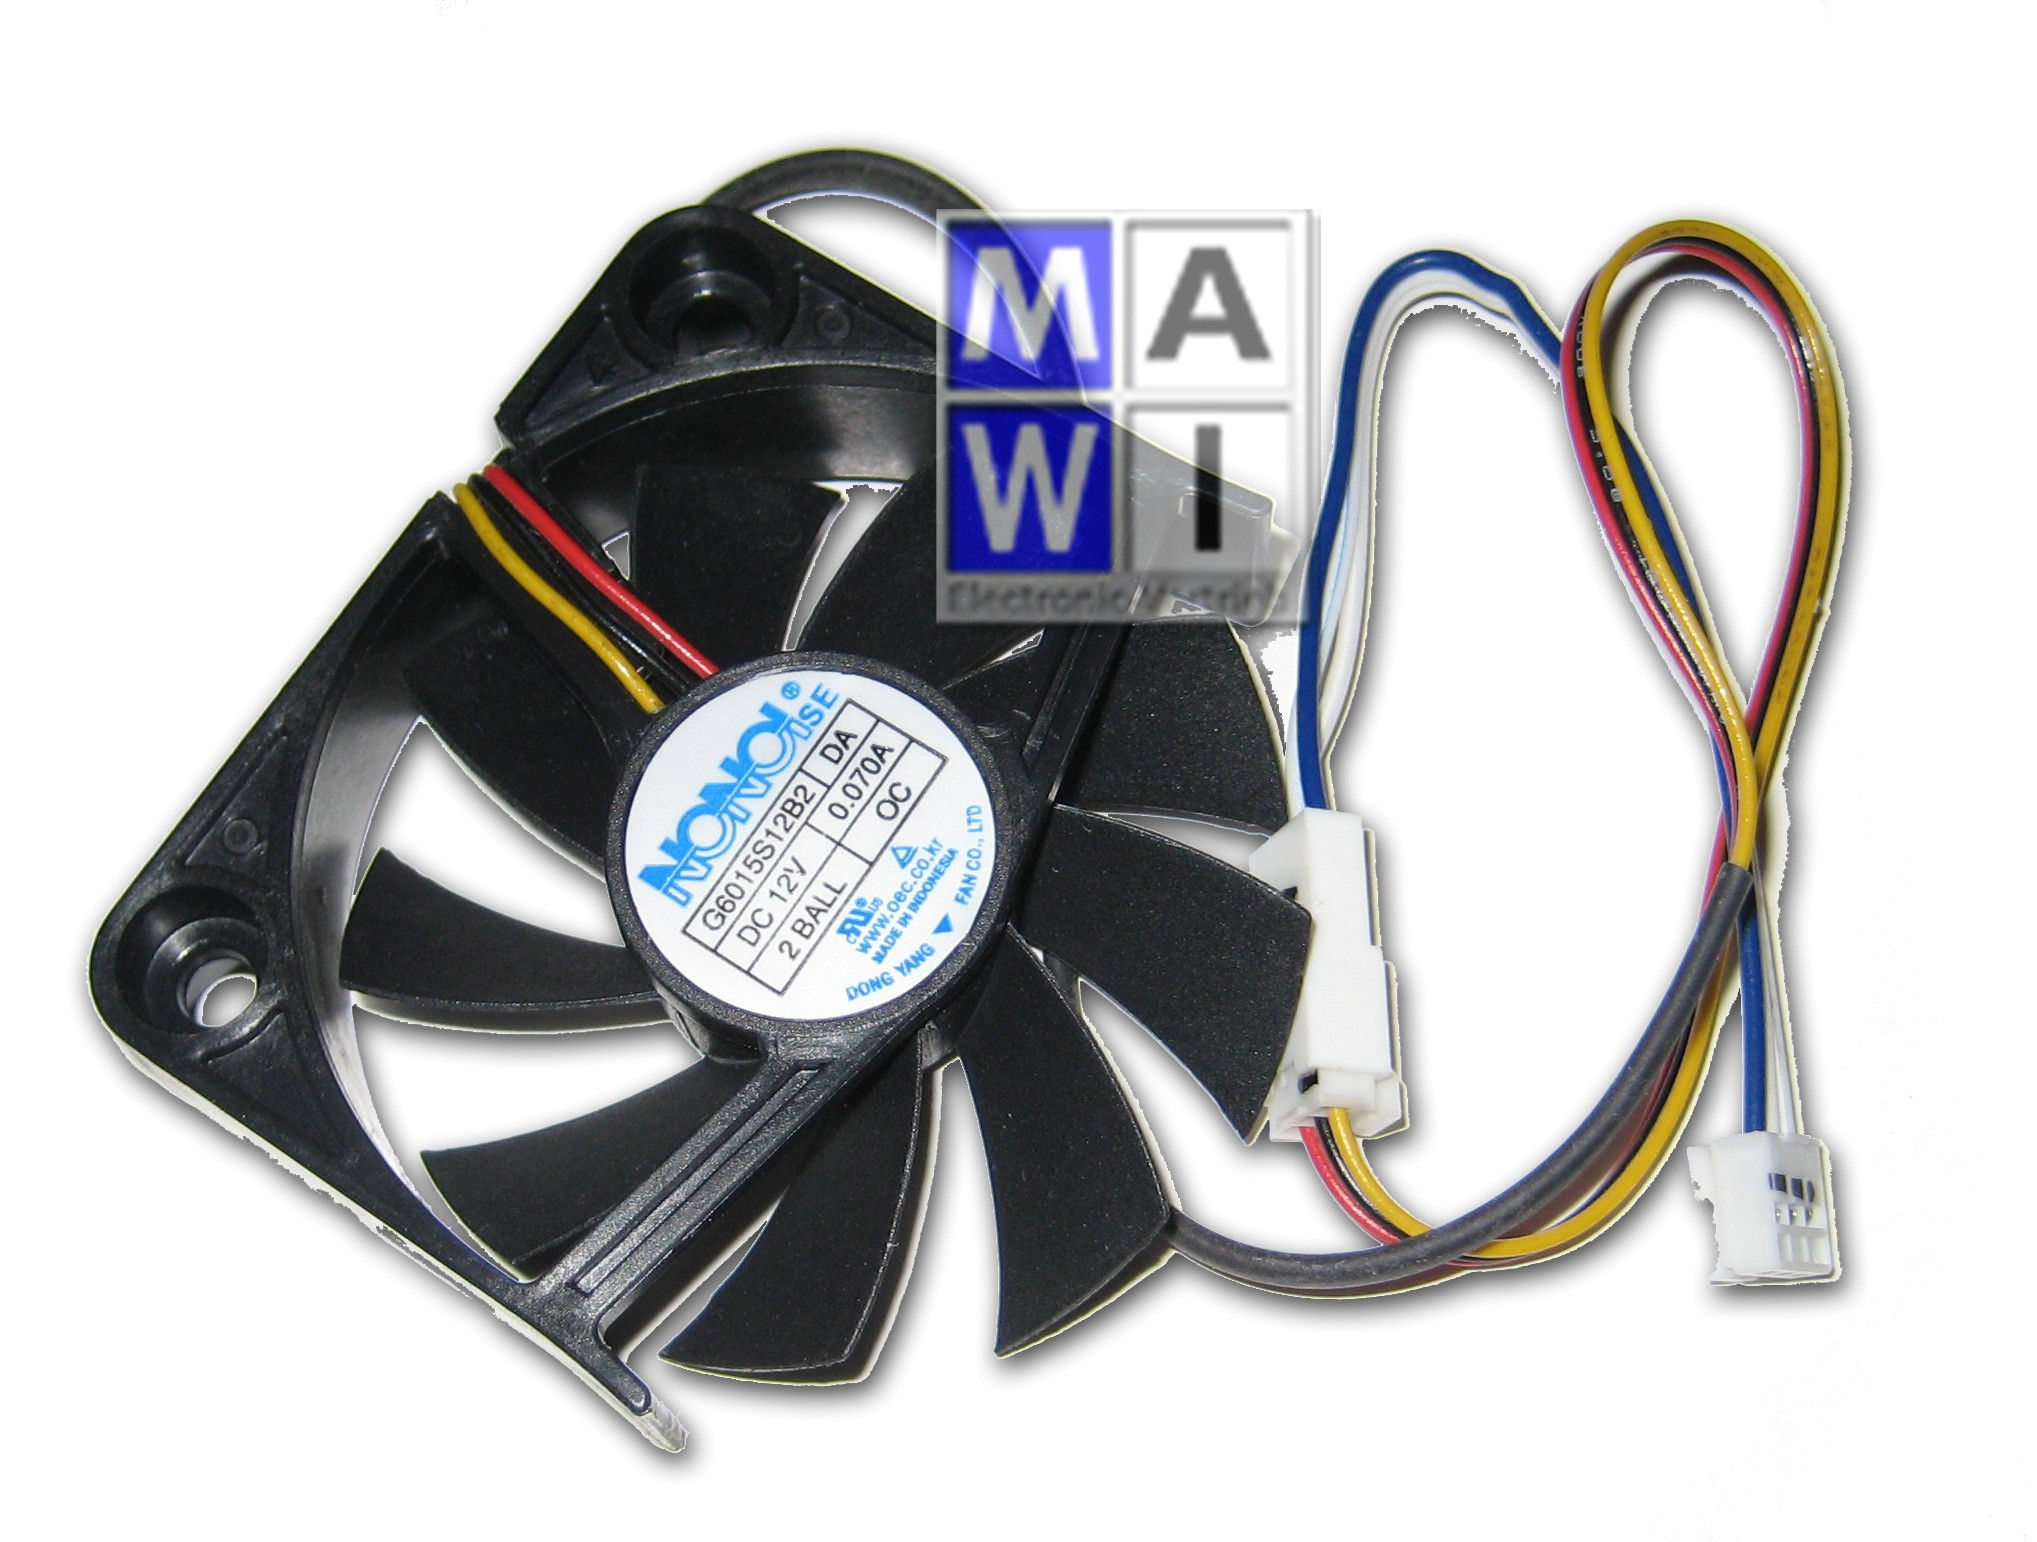 Schnurloses Verbindet Samsung Bn31 00014e Tv Cooling Fan Electric Lfter G6015s12b2 Da Oc F La40a6